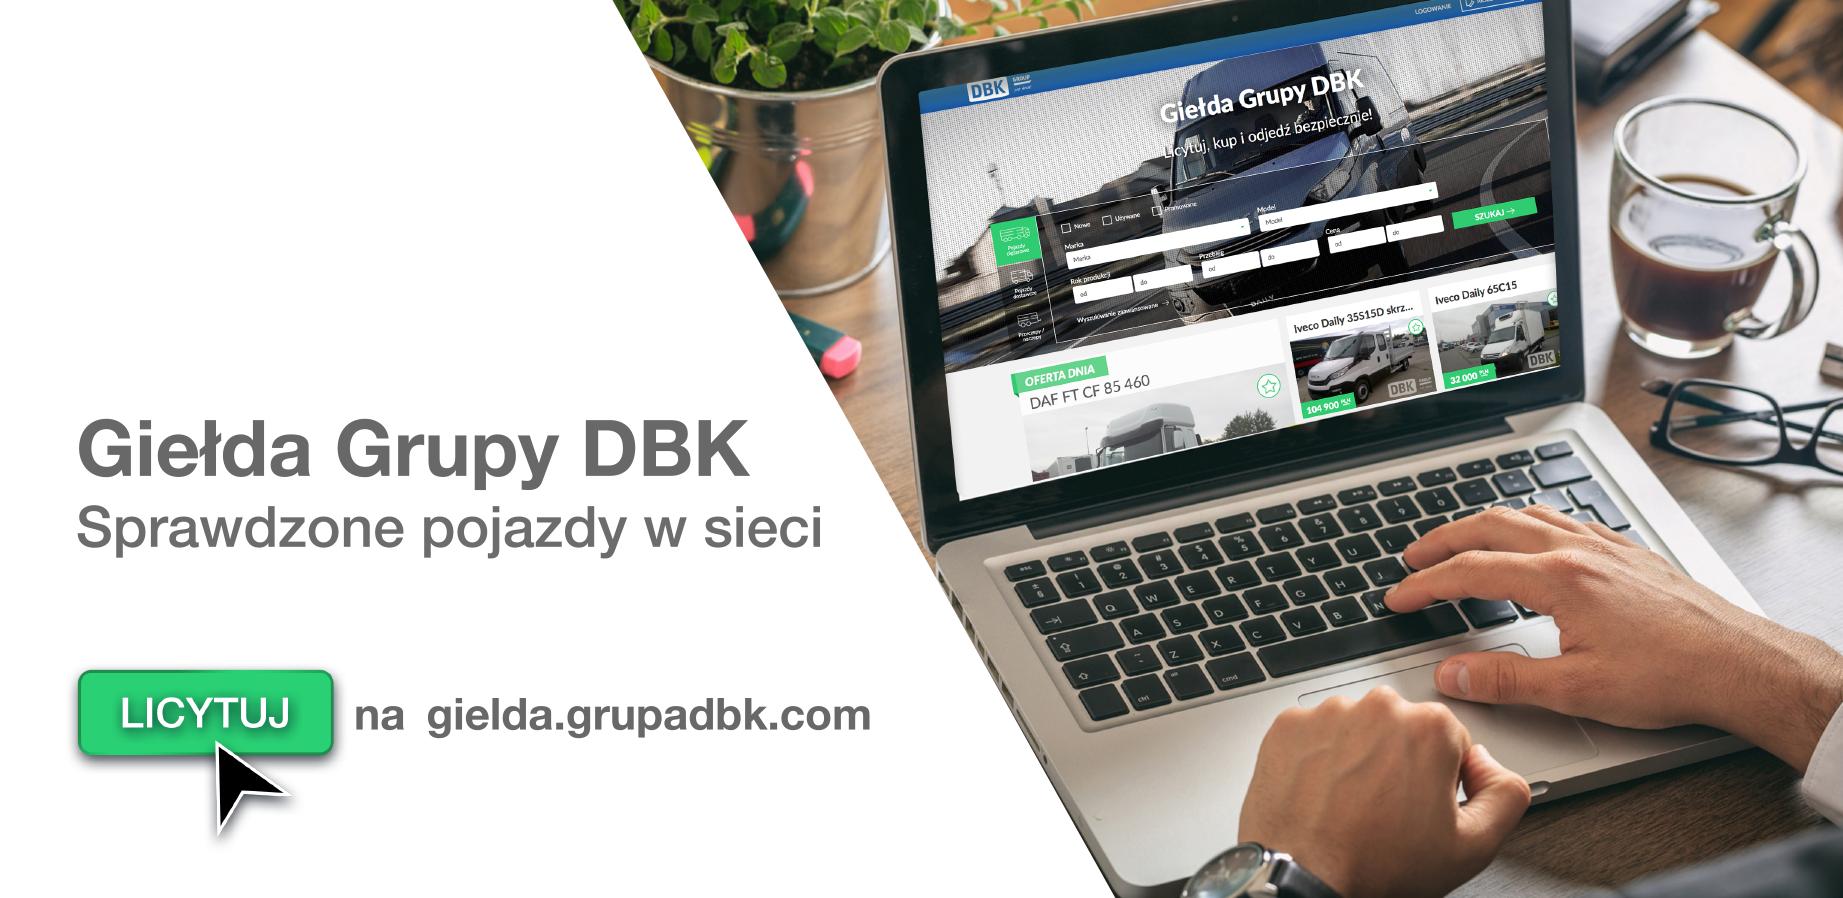 Giełda_Grupy_DBK